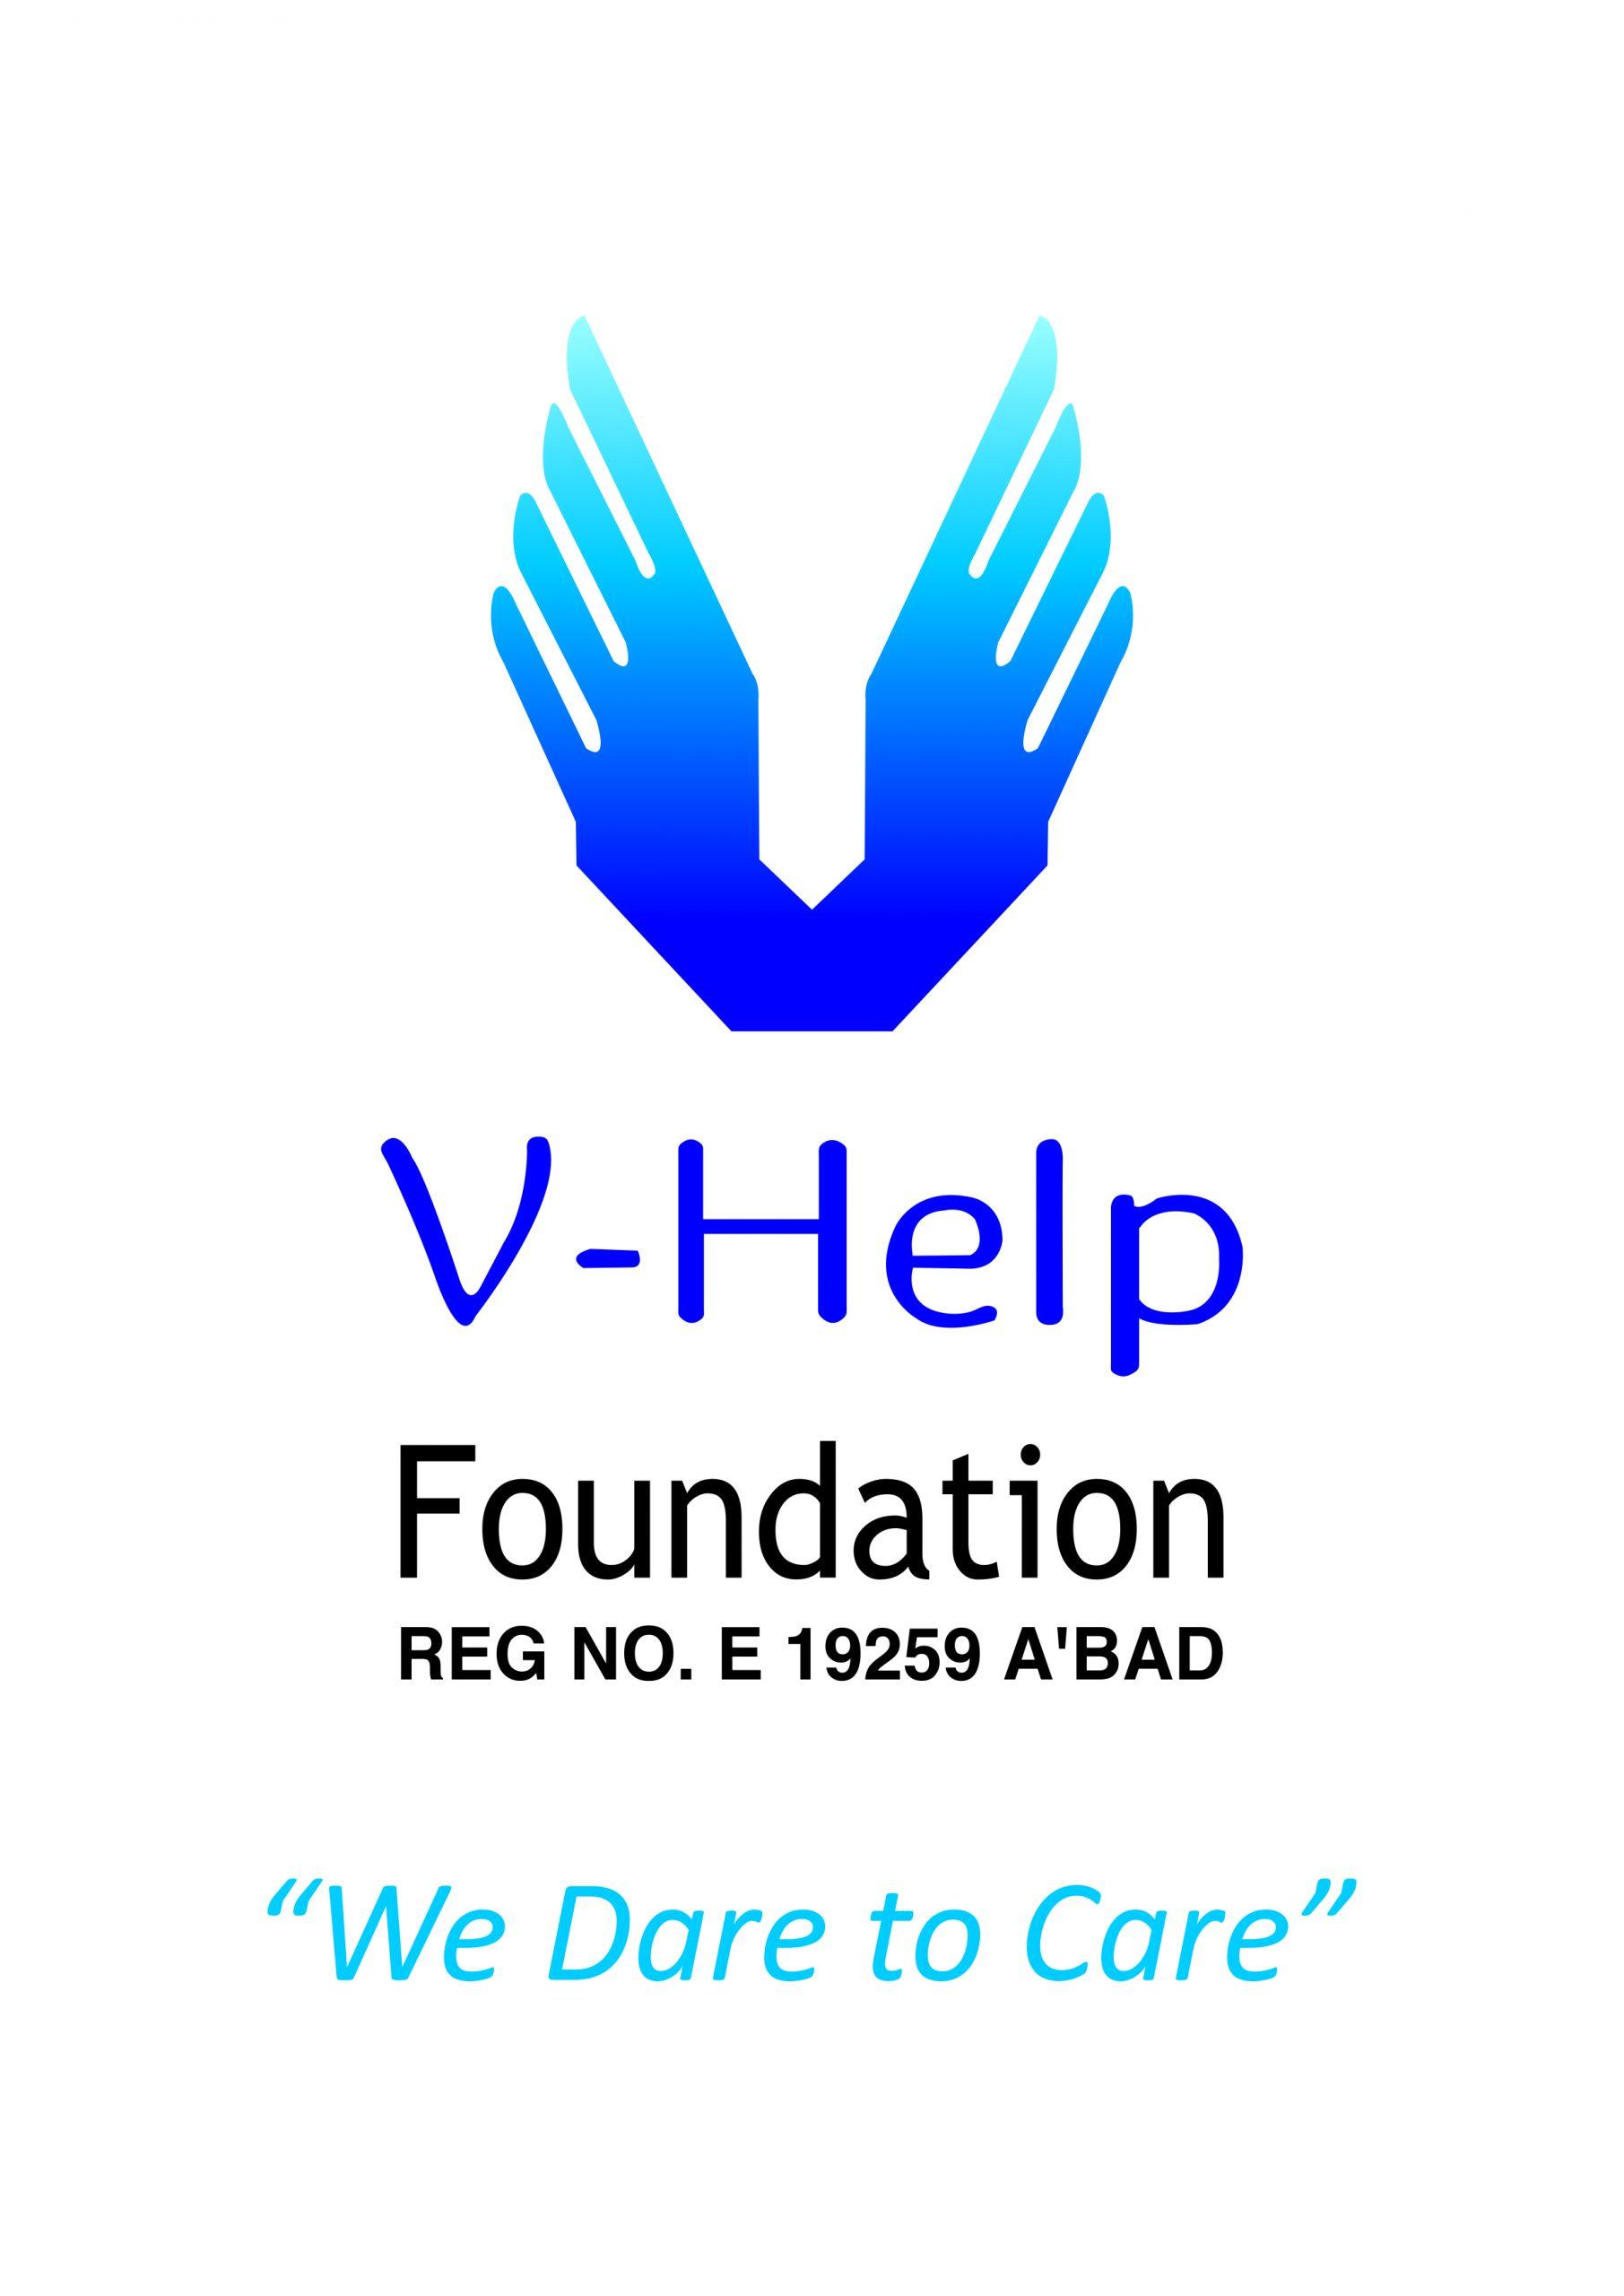 V Help Foundation